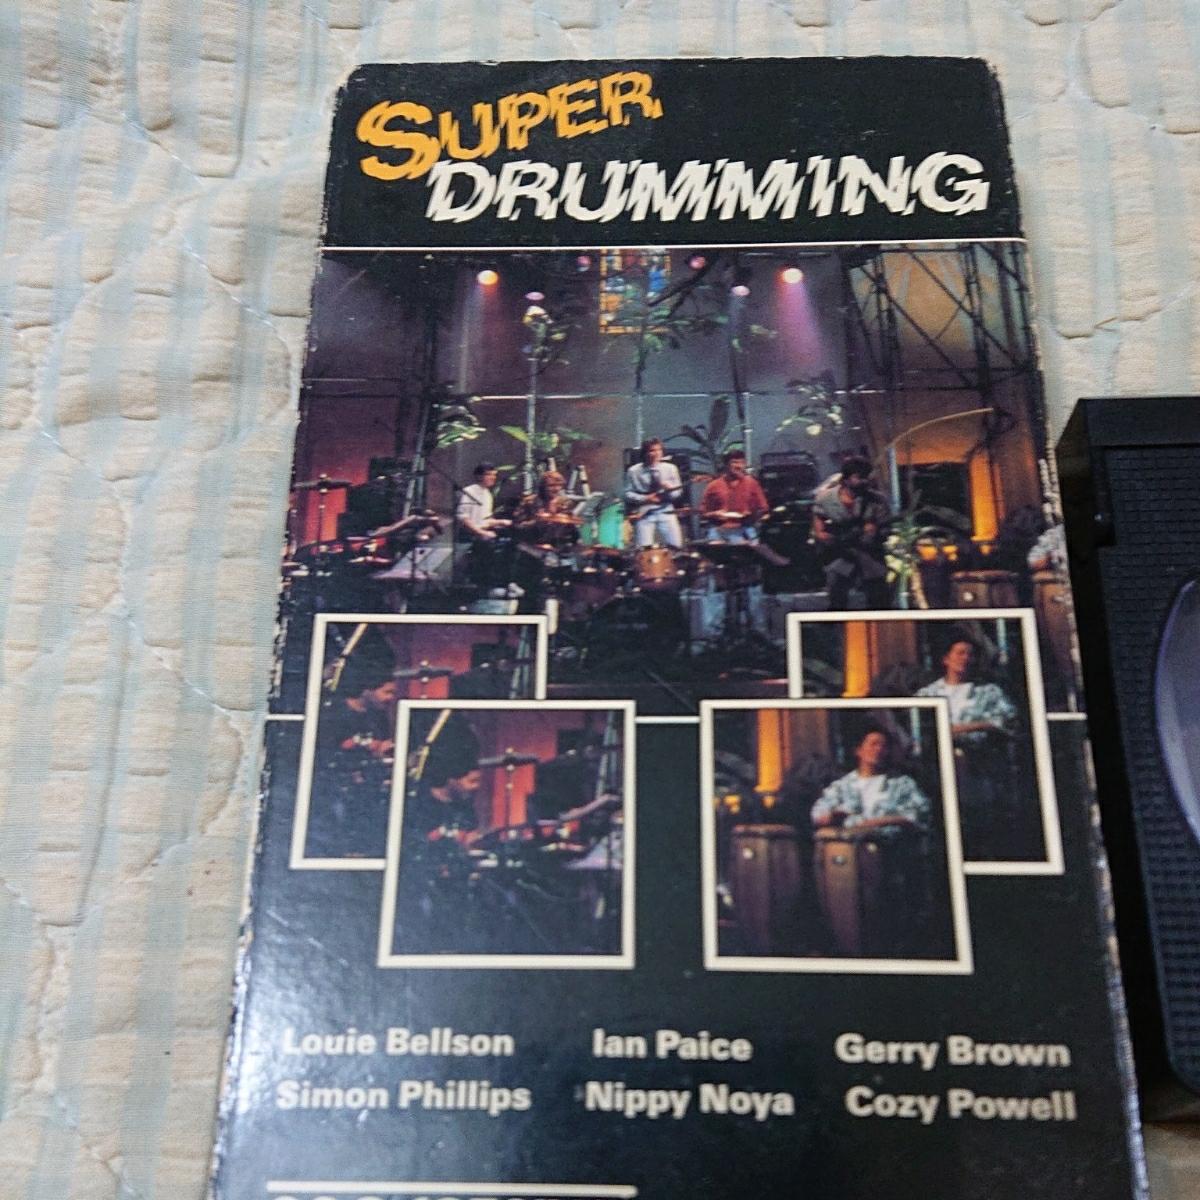 ドラム スーパー・ドラミング 輸入盤 VHS コージー・パウエル、イアン・ペイス、サイモン・フィリップス、ゲイリー・ブラウン